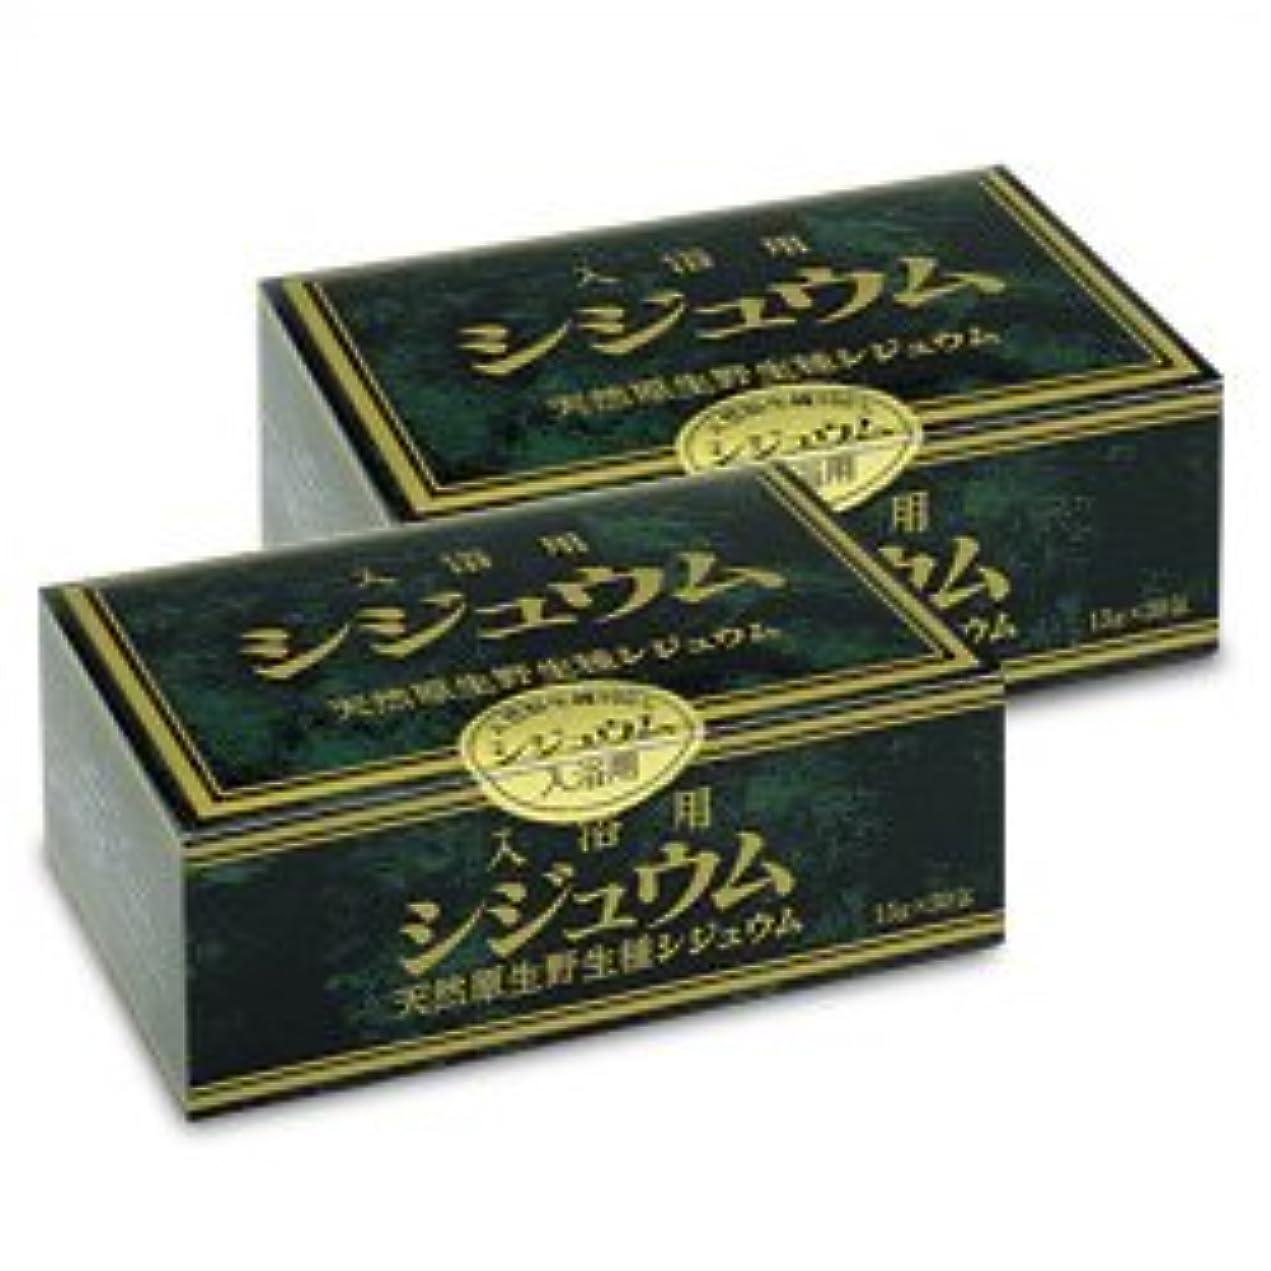 チケットピグマリオンビーム入浴用シジュウム【30包×2箱セット】